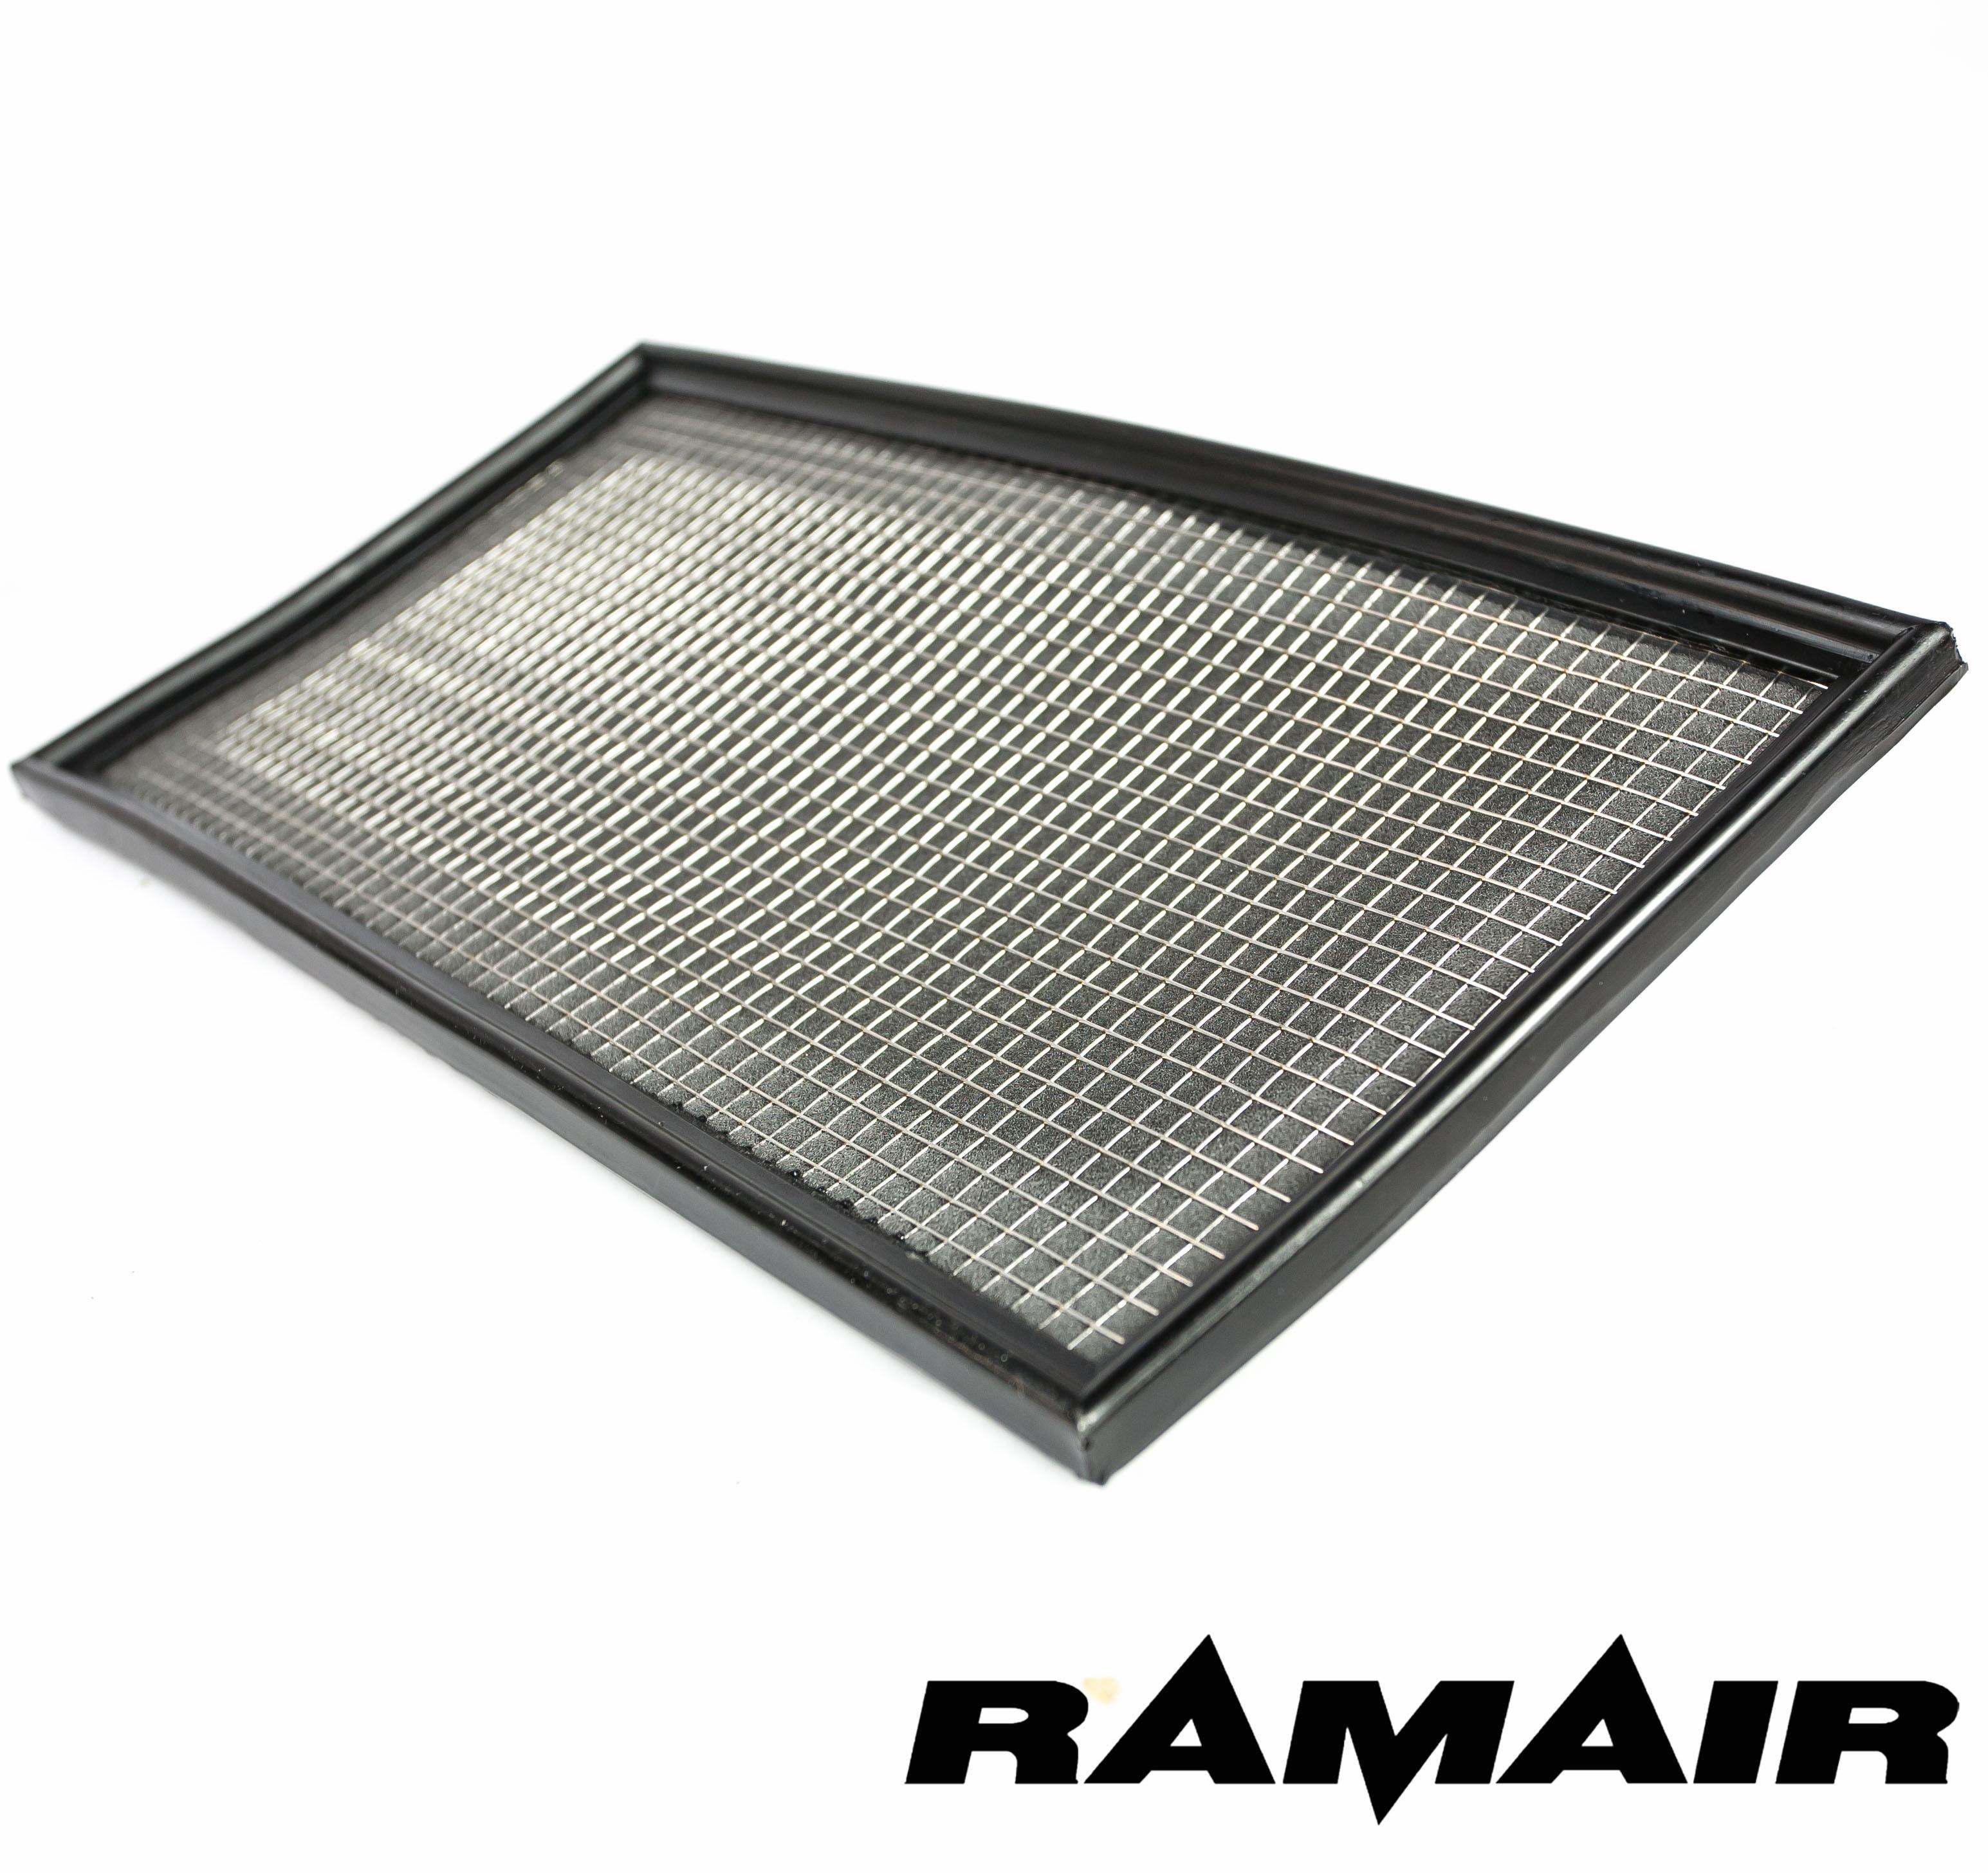 Ramair pannello di ricambio filtro aria per vw golf mk4 for Filtro aria cabina da golf vw